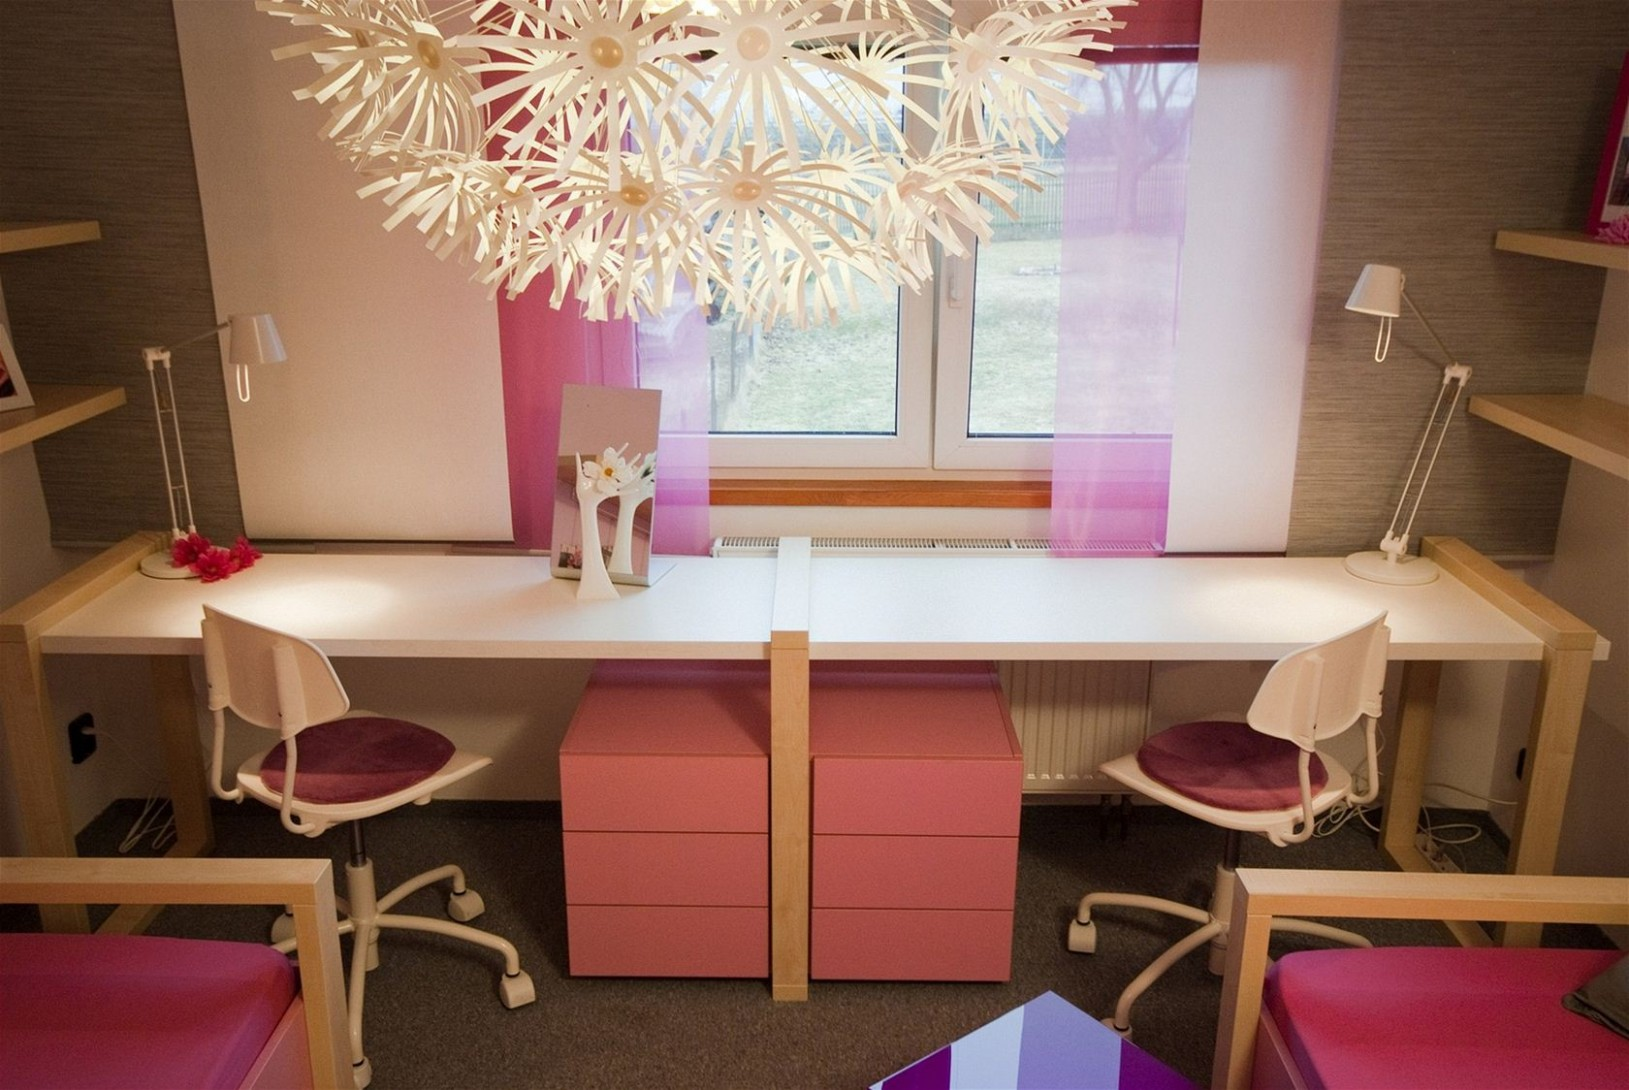 Fotogalerie: Pod oknem mají slečny prostorný pracovní stůl, který ...